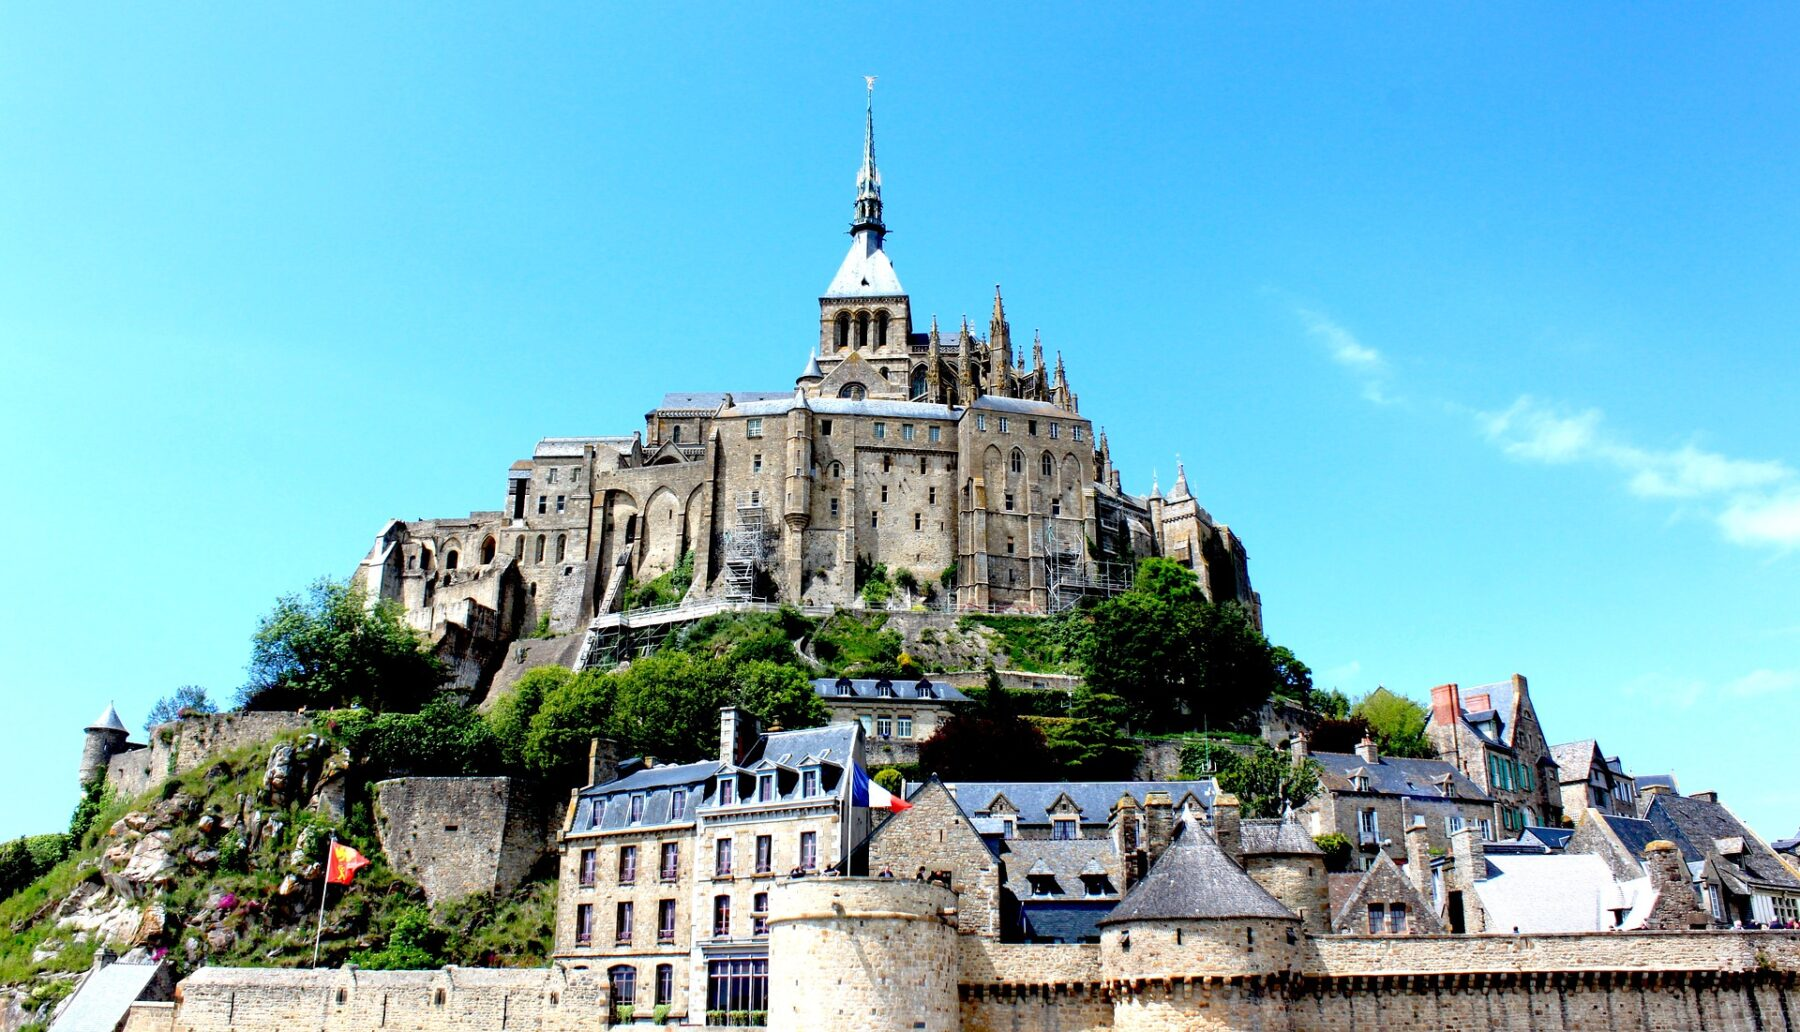 Mont Saint-Michel Normandy, France